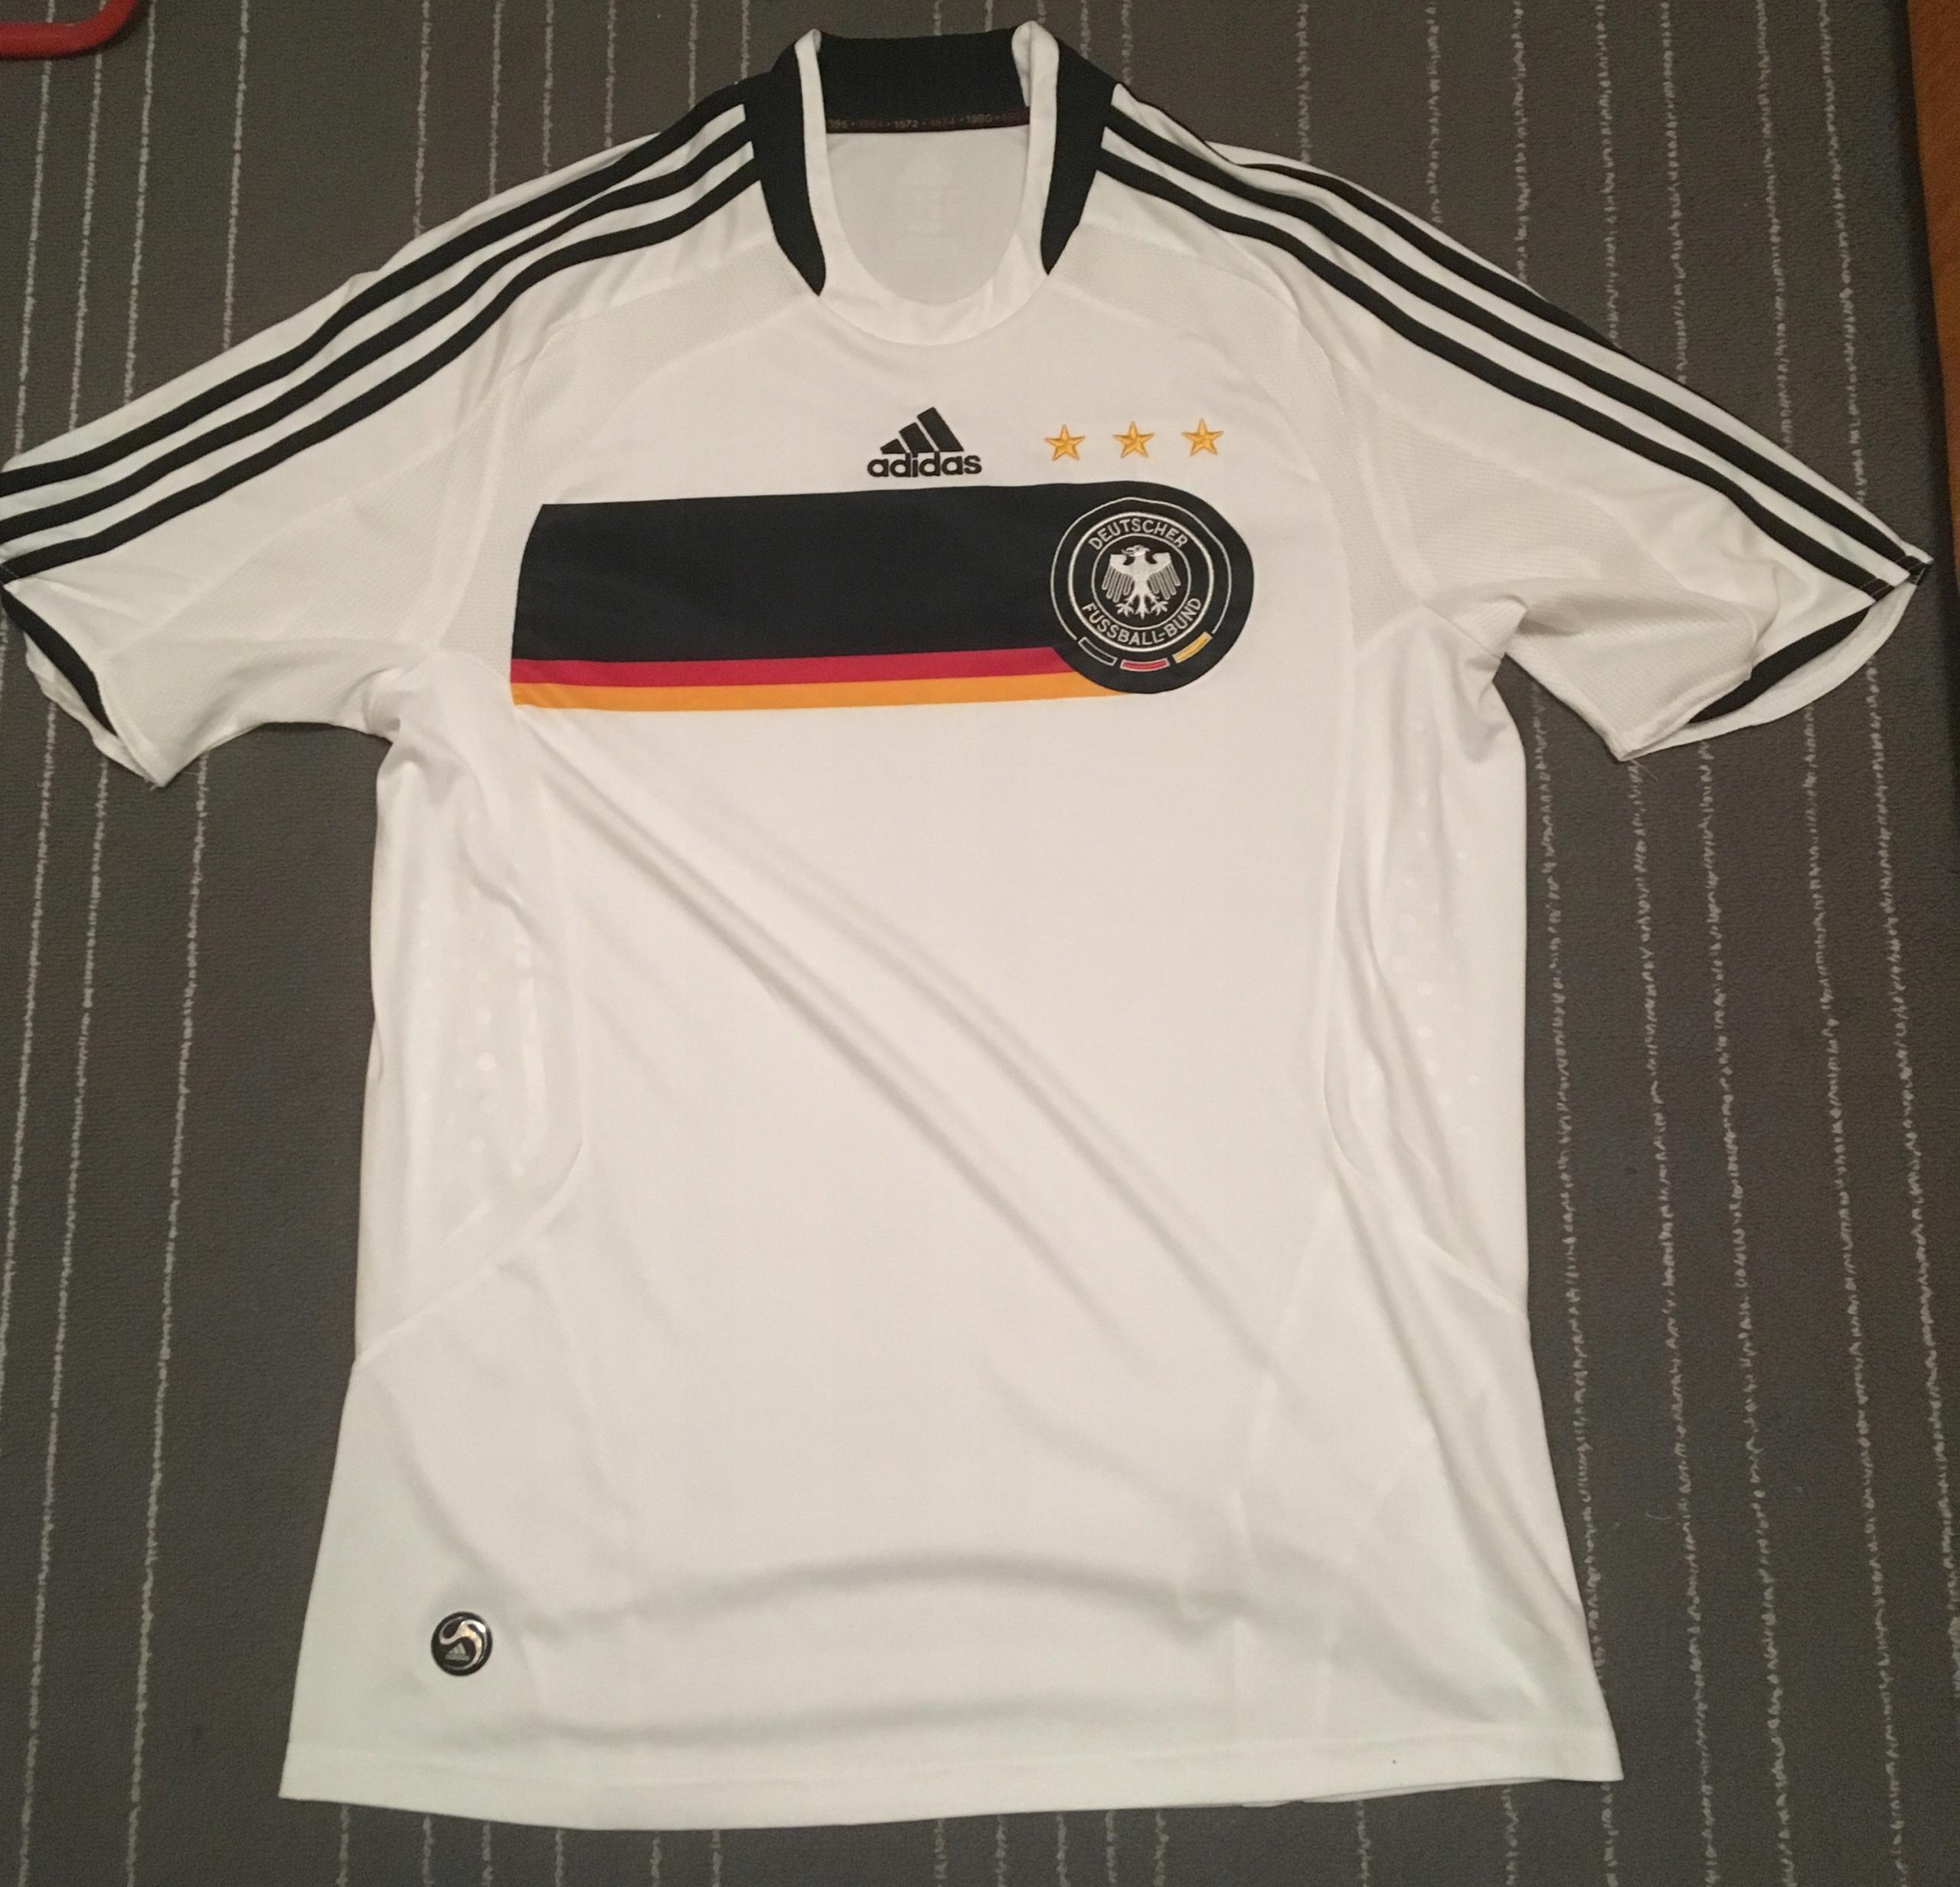 93e6d0bb9 Koszulka reprezentacji Niemiec adidas - 7696457410 - oficjalne ...